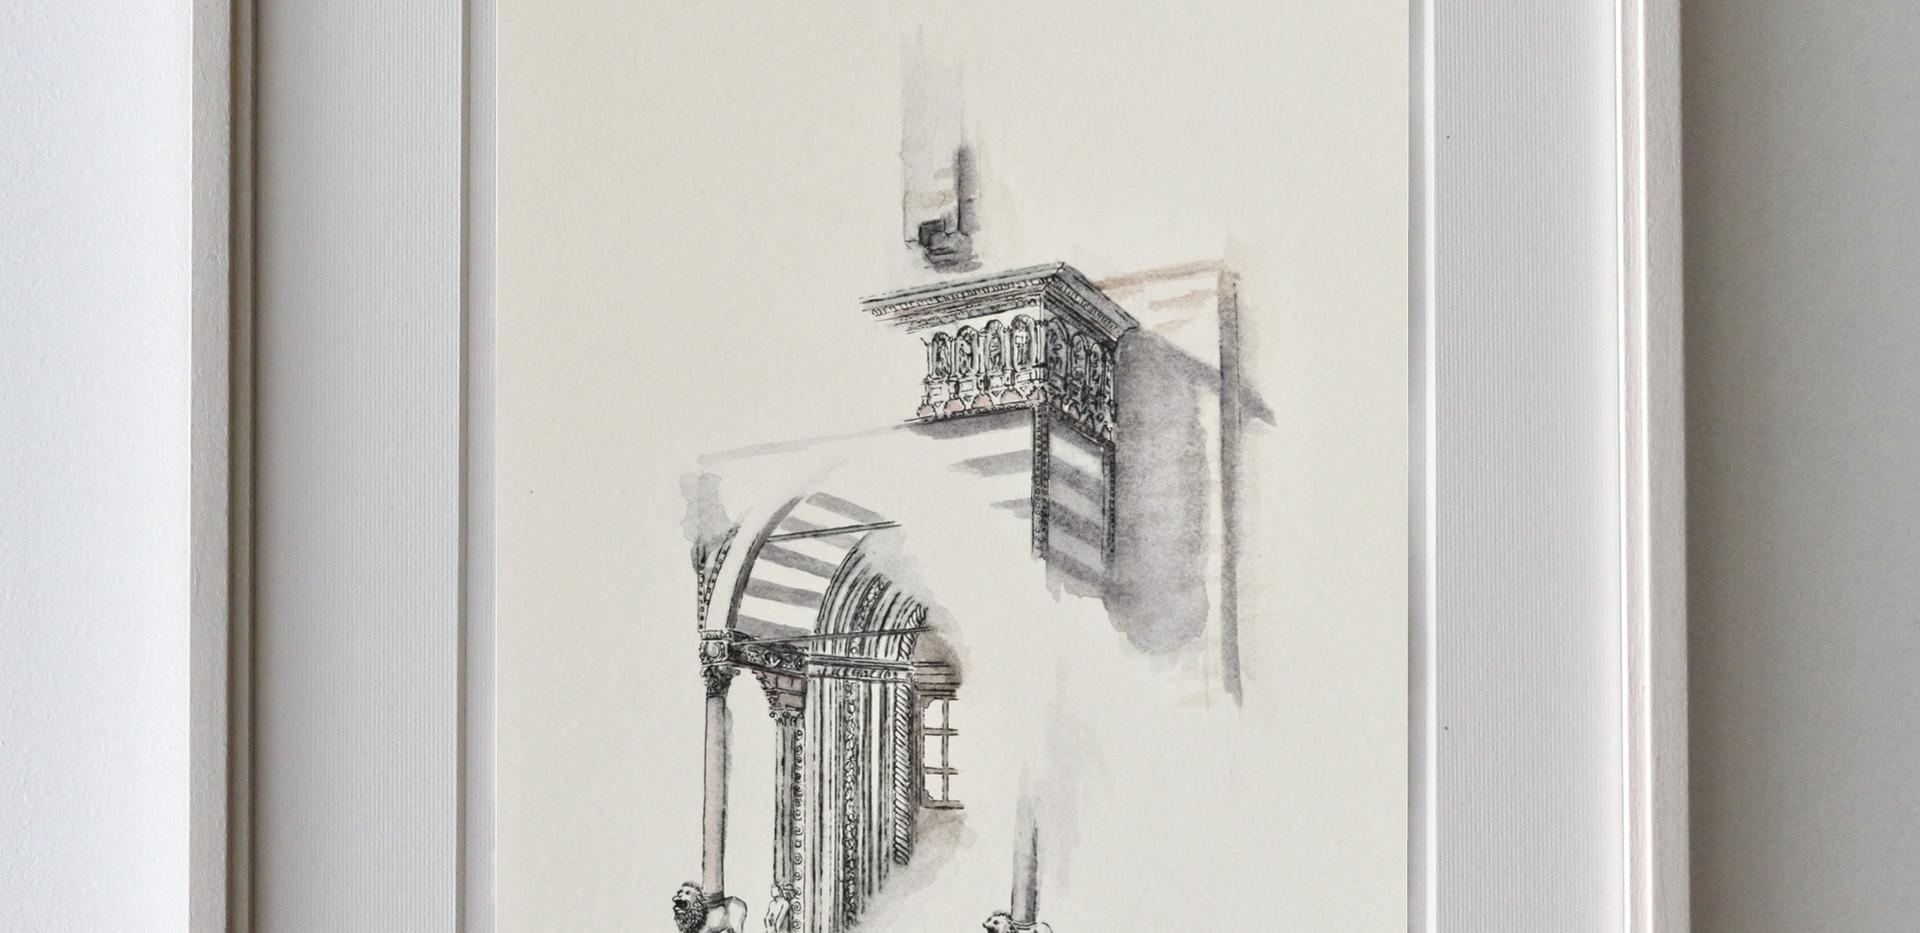 Portone Basilica di Santa Maria Maggiore - Esempio di cornice